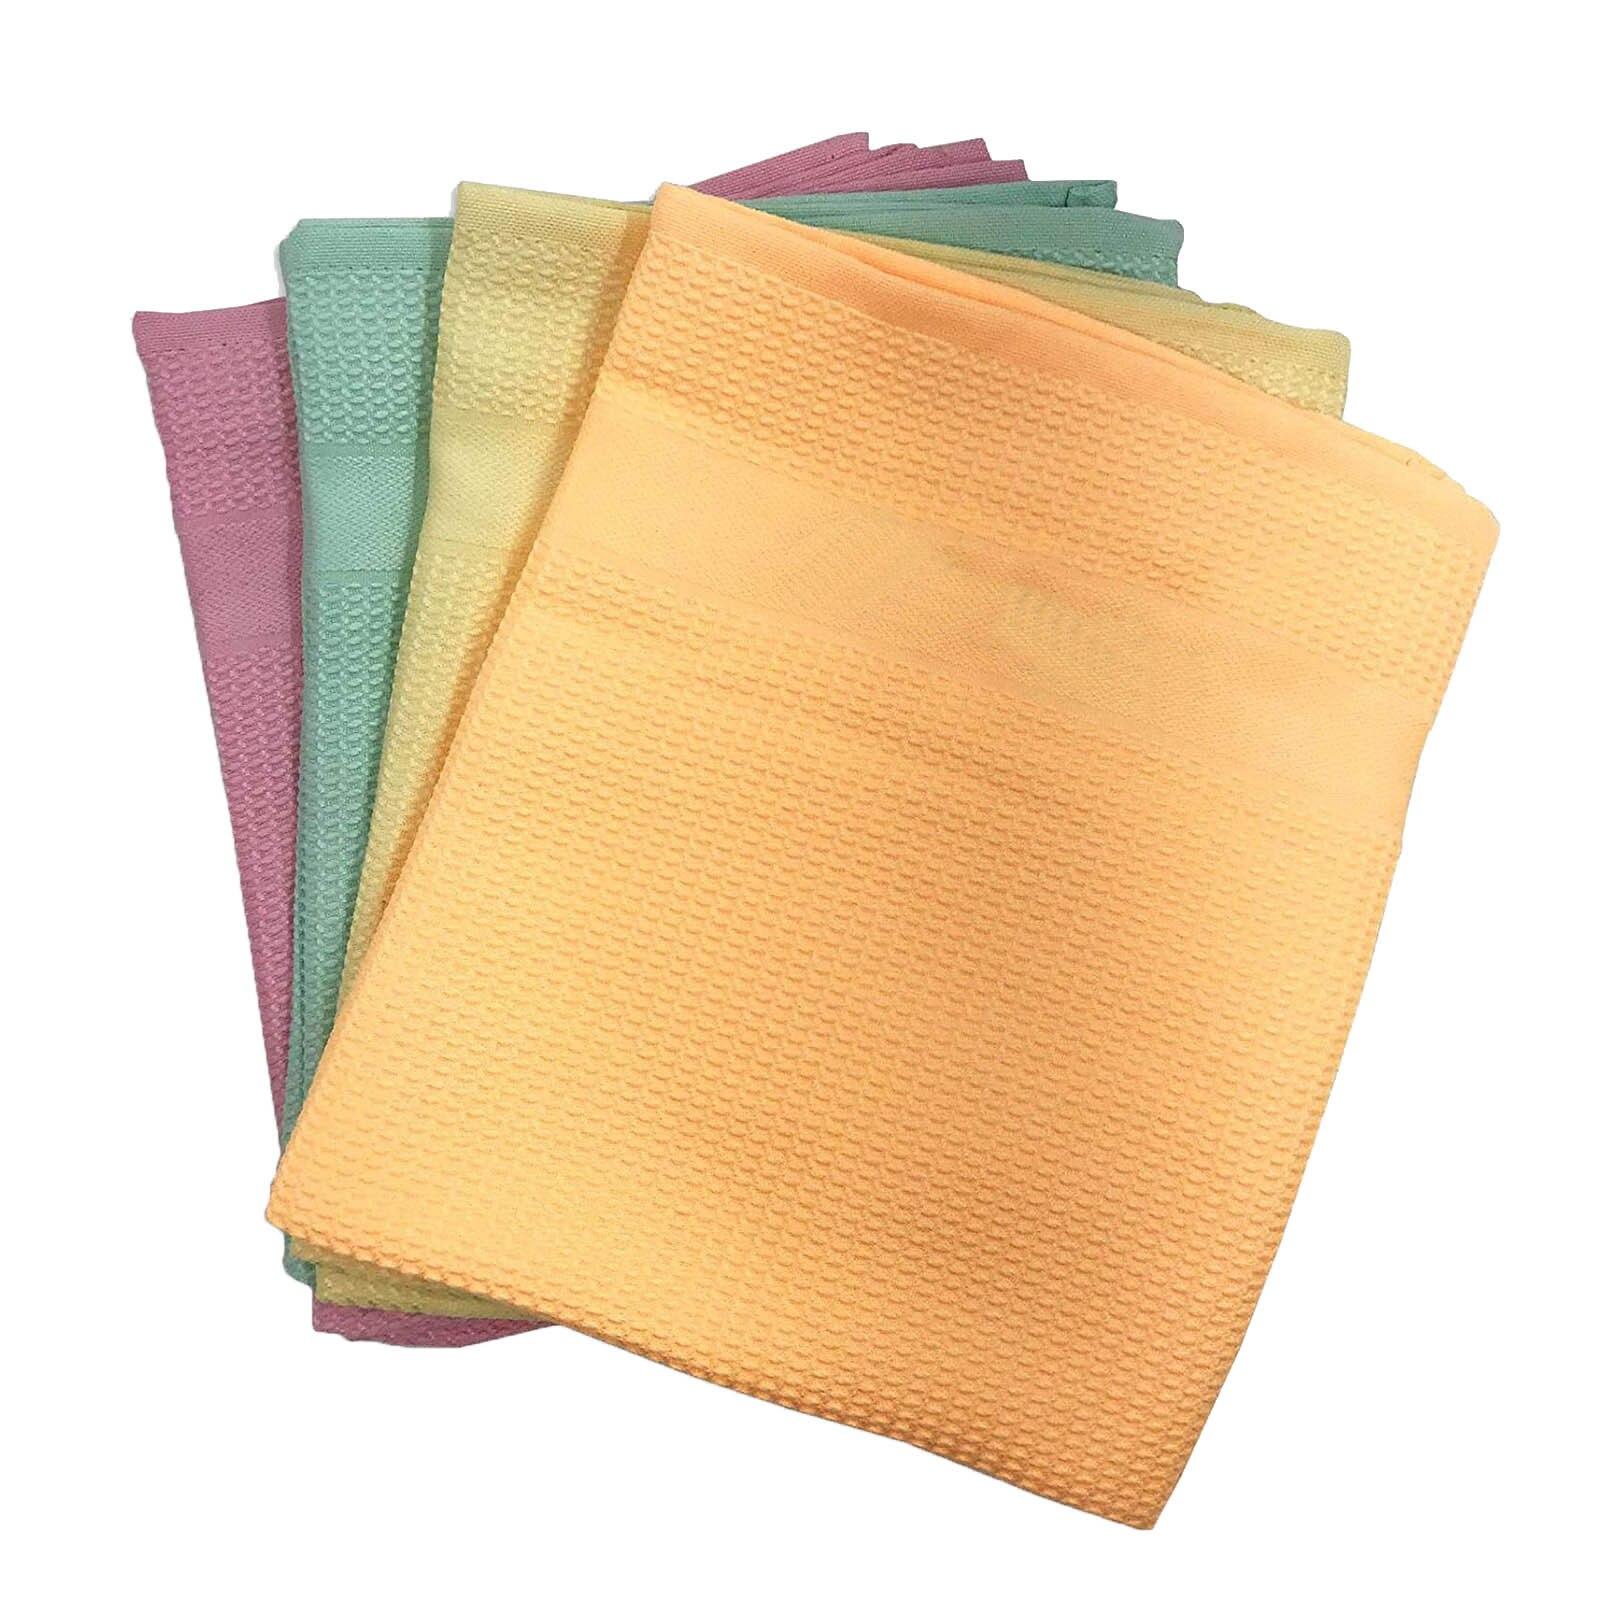 40 #4pc салфетка из микрофибры для чистки ткани многоразовая ткань для чистки объектива телефона Экран чистящие салфетки для дома Кухня древе...